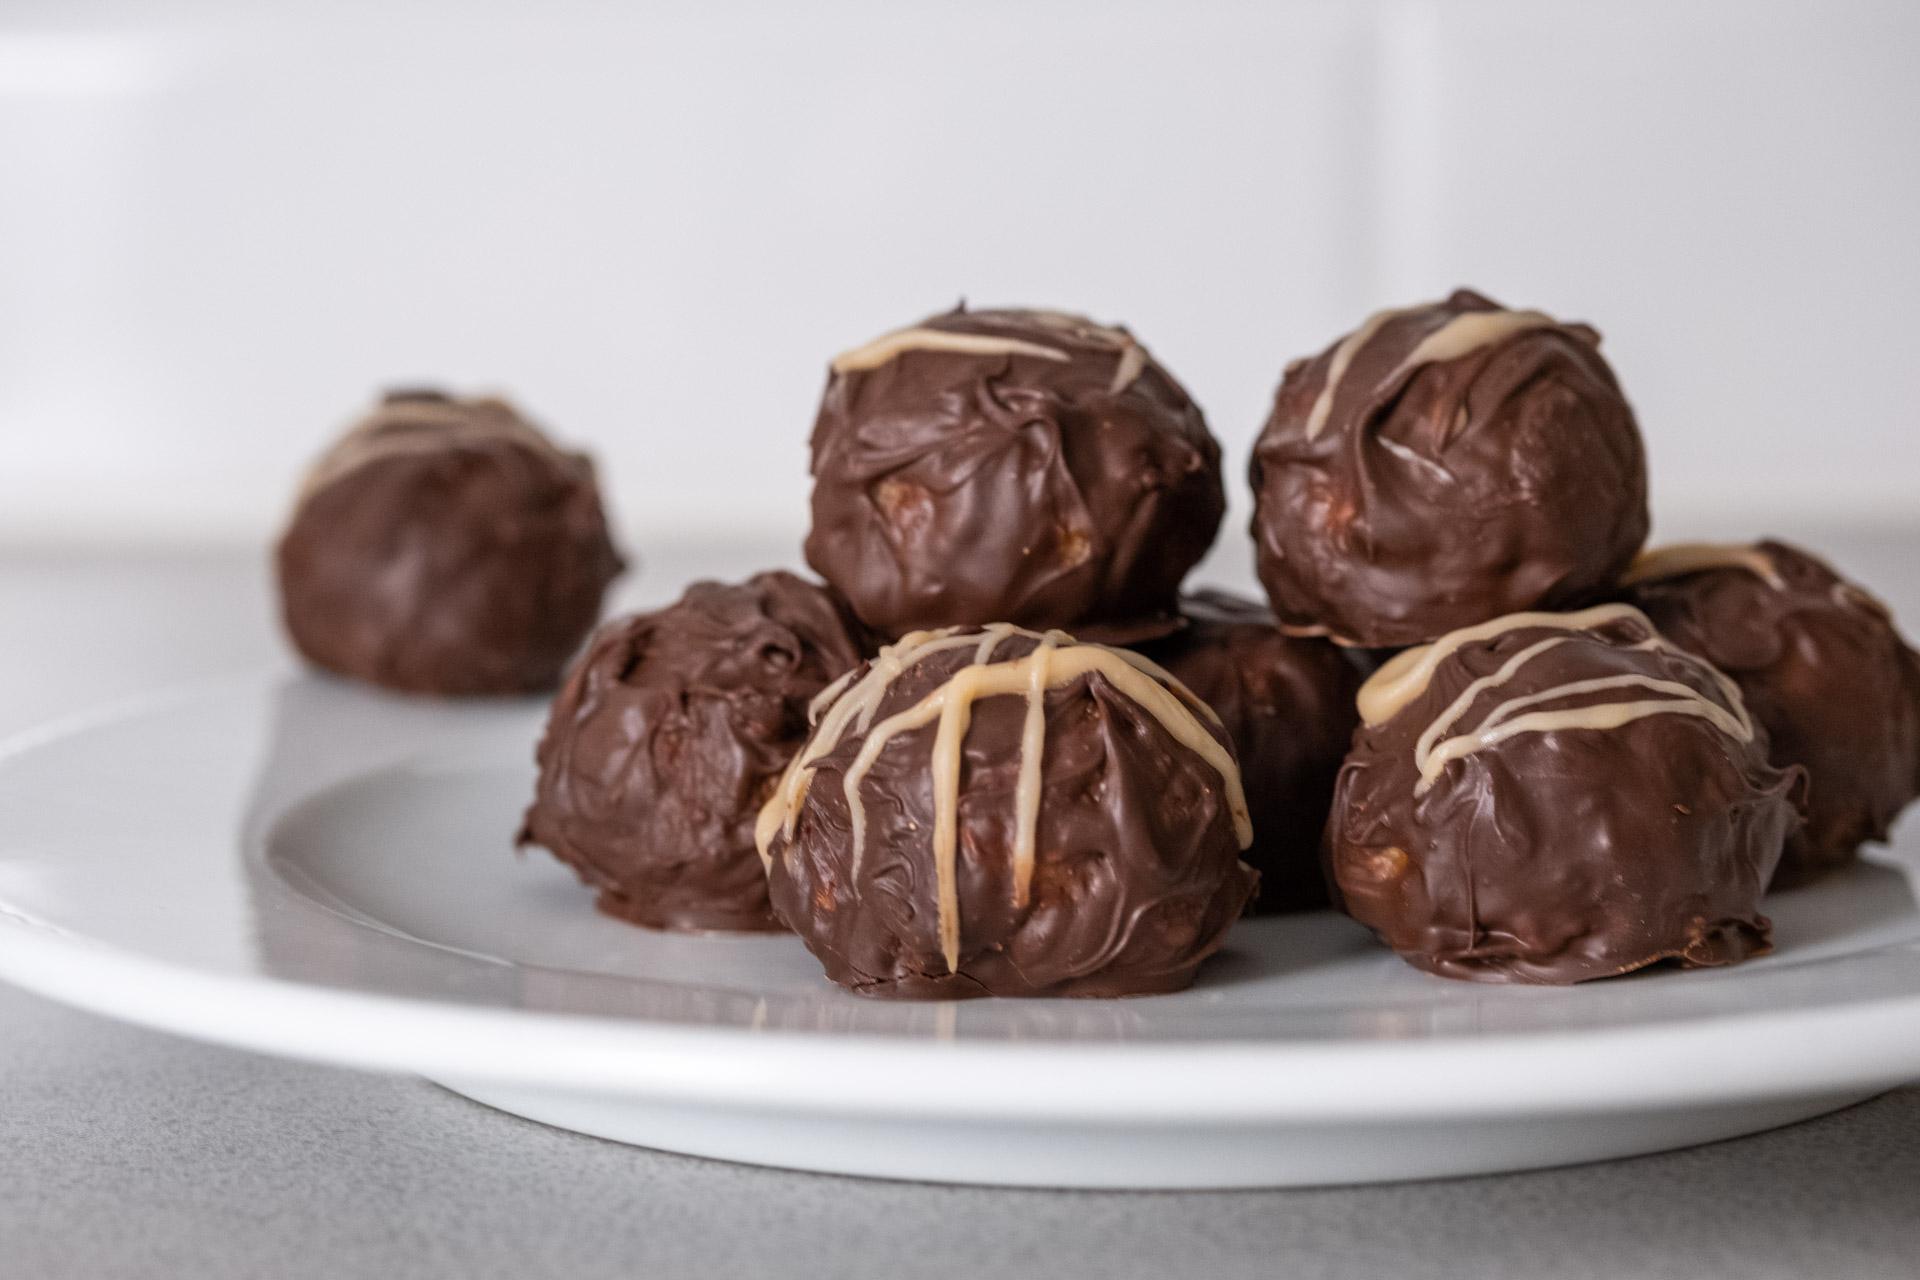 Chokladtäckta snickersbollar snickerskaka snickers godis recept vegansk bakverk